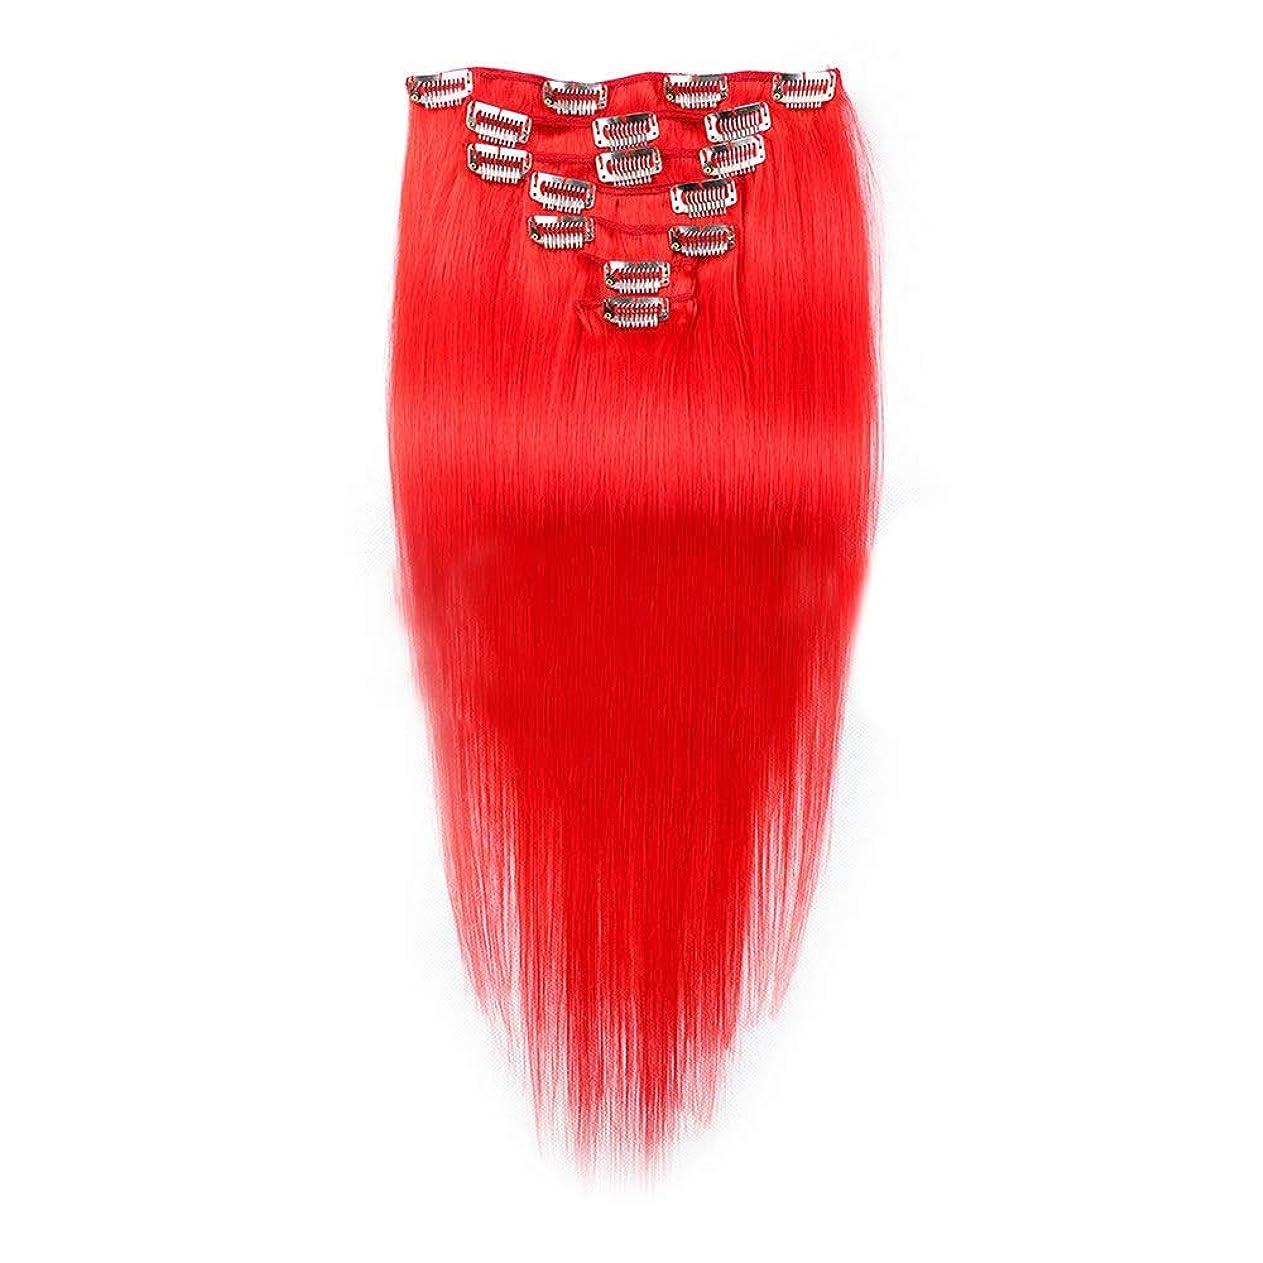 率直な承認するインテリアYESONEEP 7ピースフルヘッドセットクリップでヘアエクステンションヘアピースシルキーストレート人間の髪16